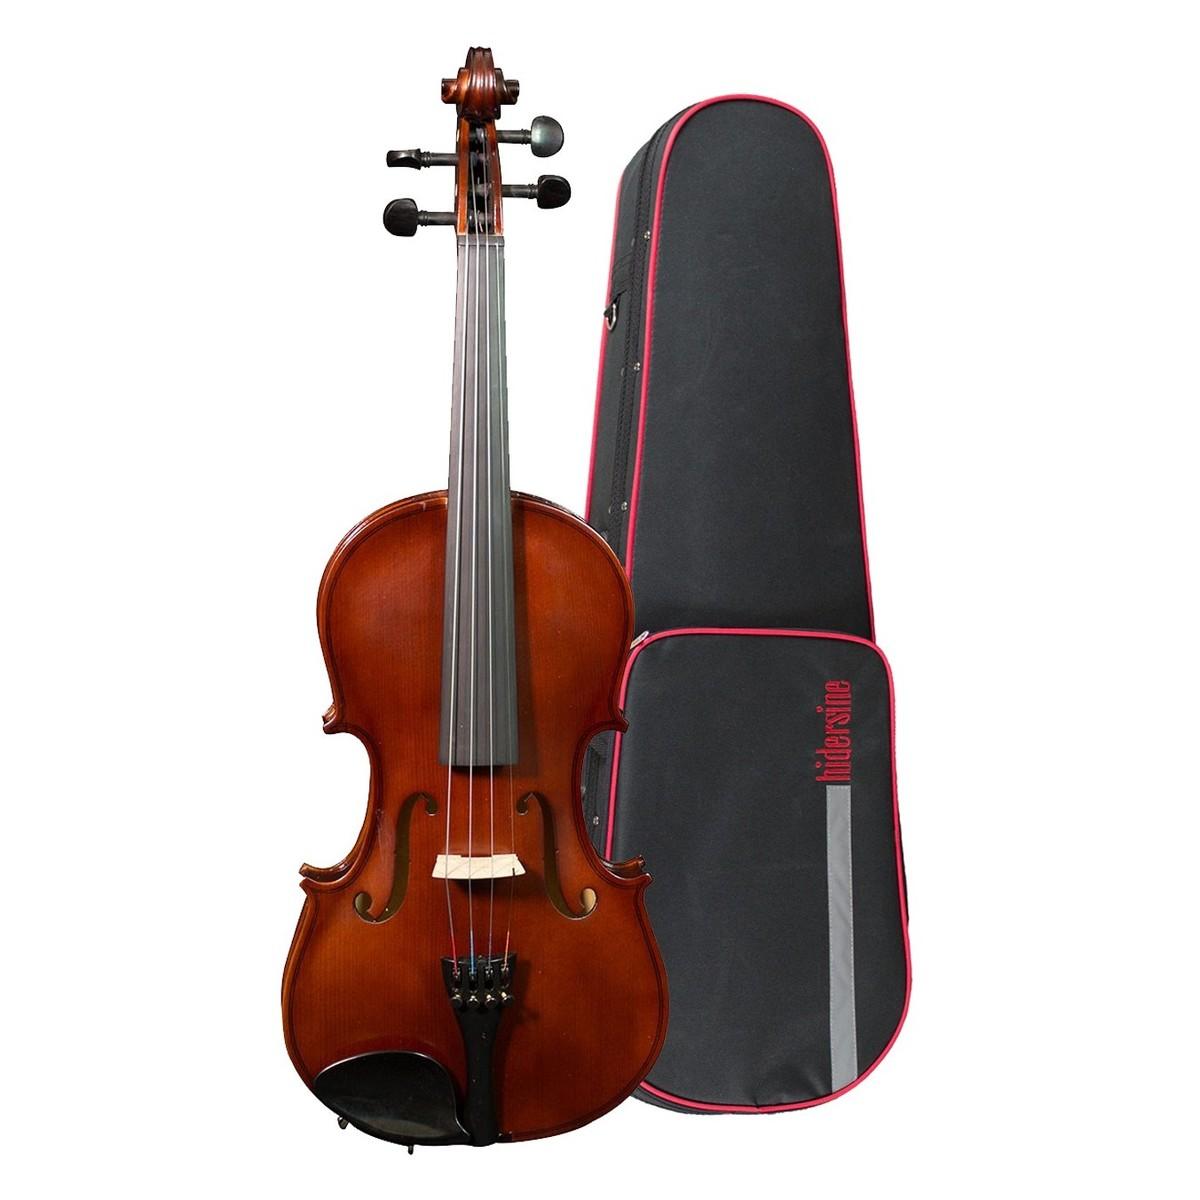 Hidersine - Inizio Violin Outfit